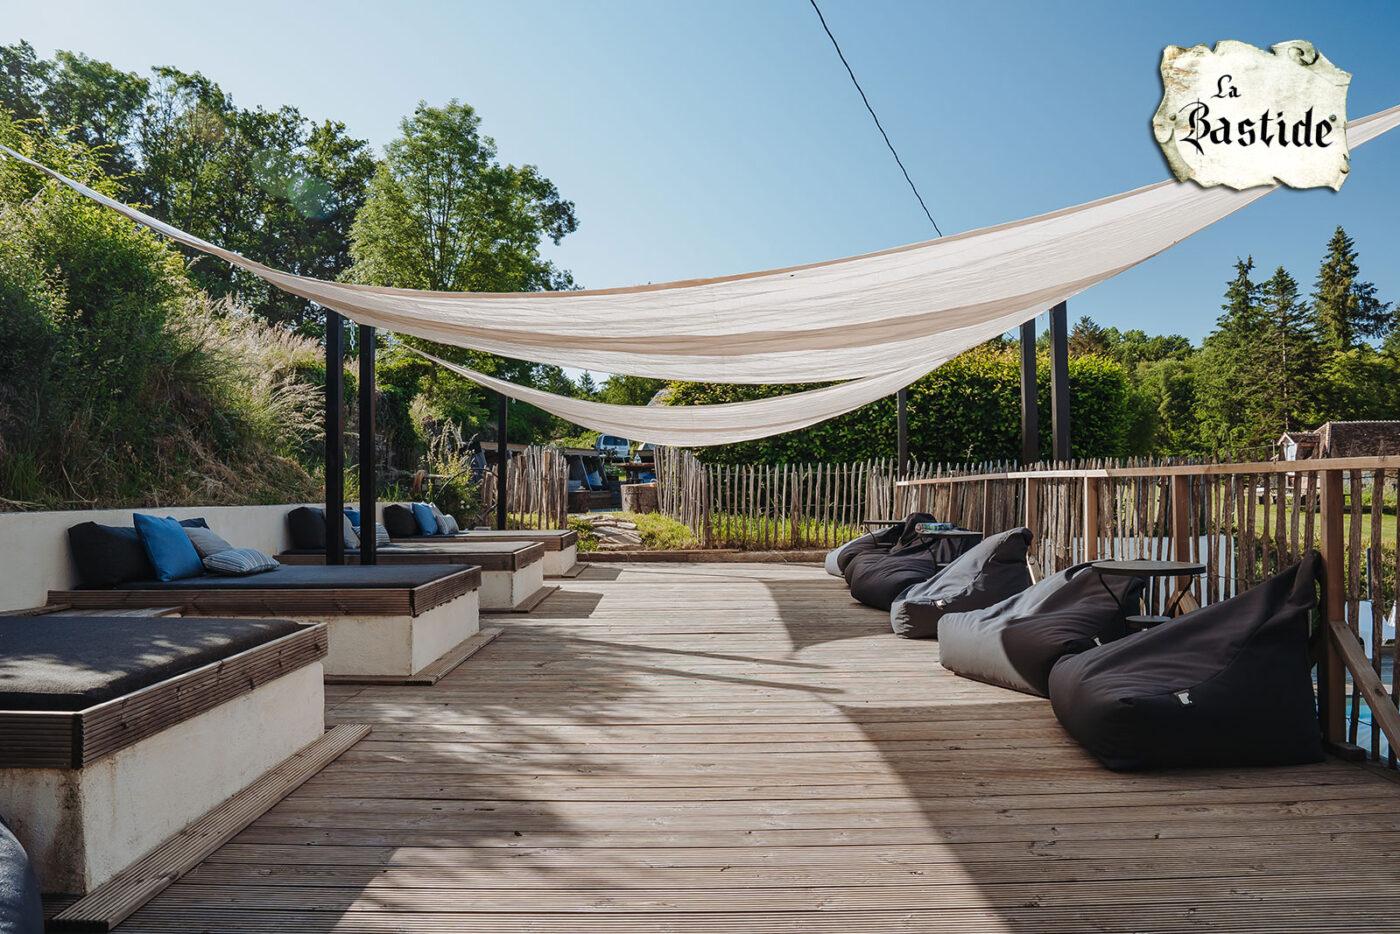 Zwembad lounge terras vakantiedomein La-Bastide bij het zwembad met doorgang naar loungeplek